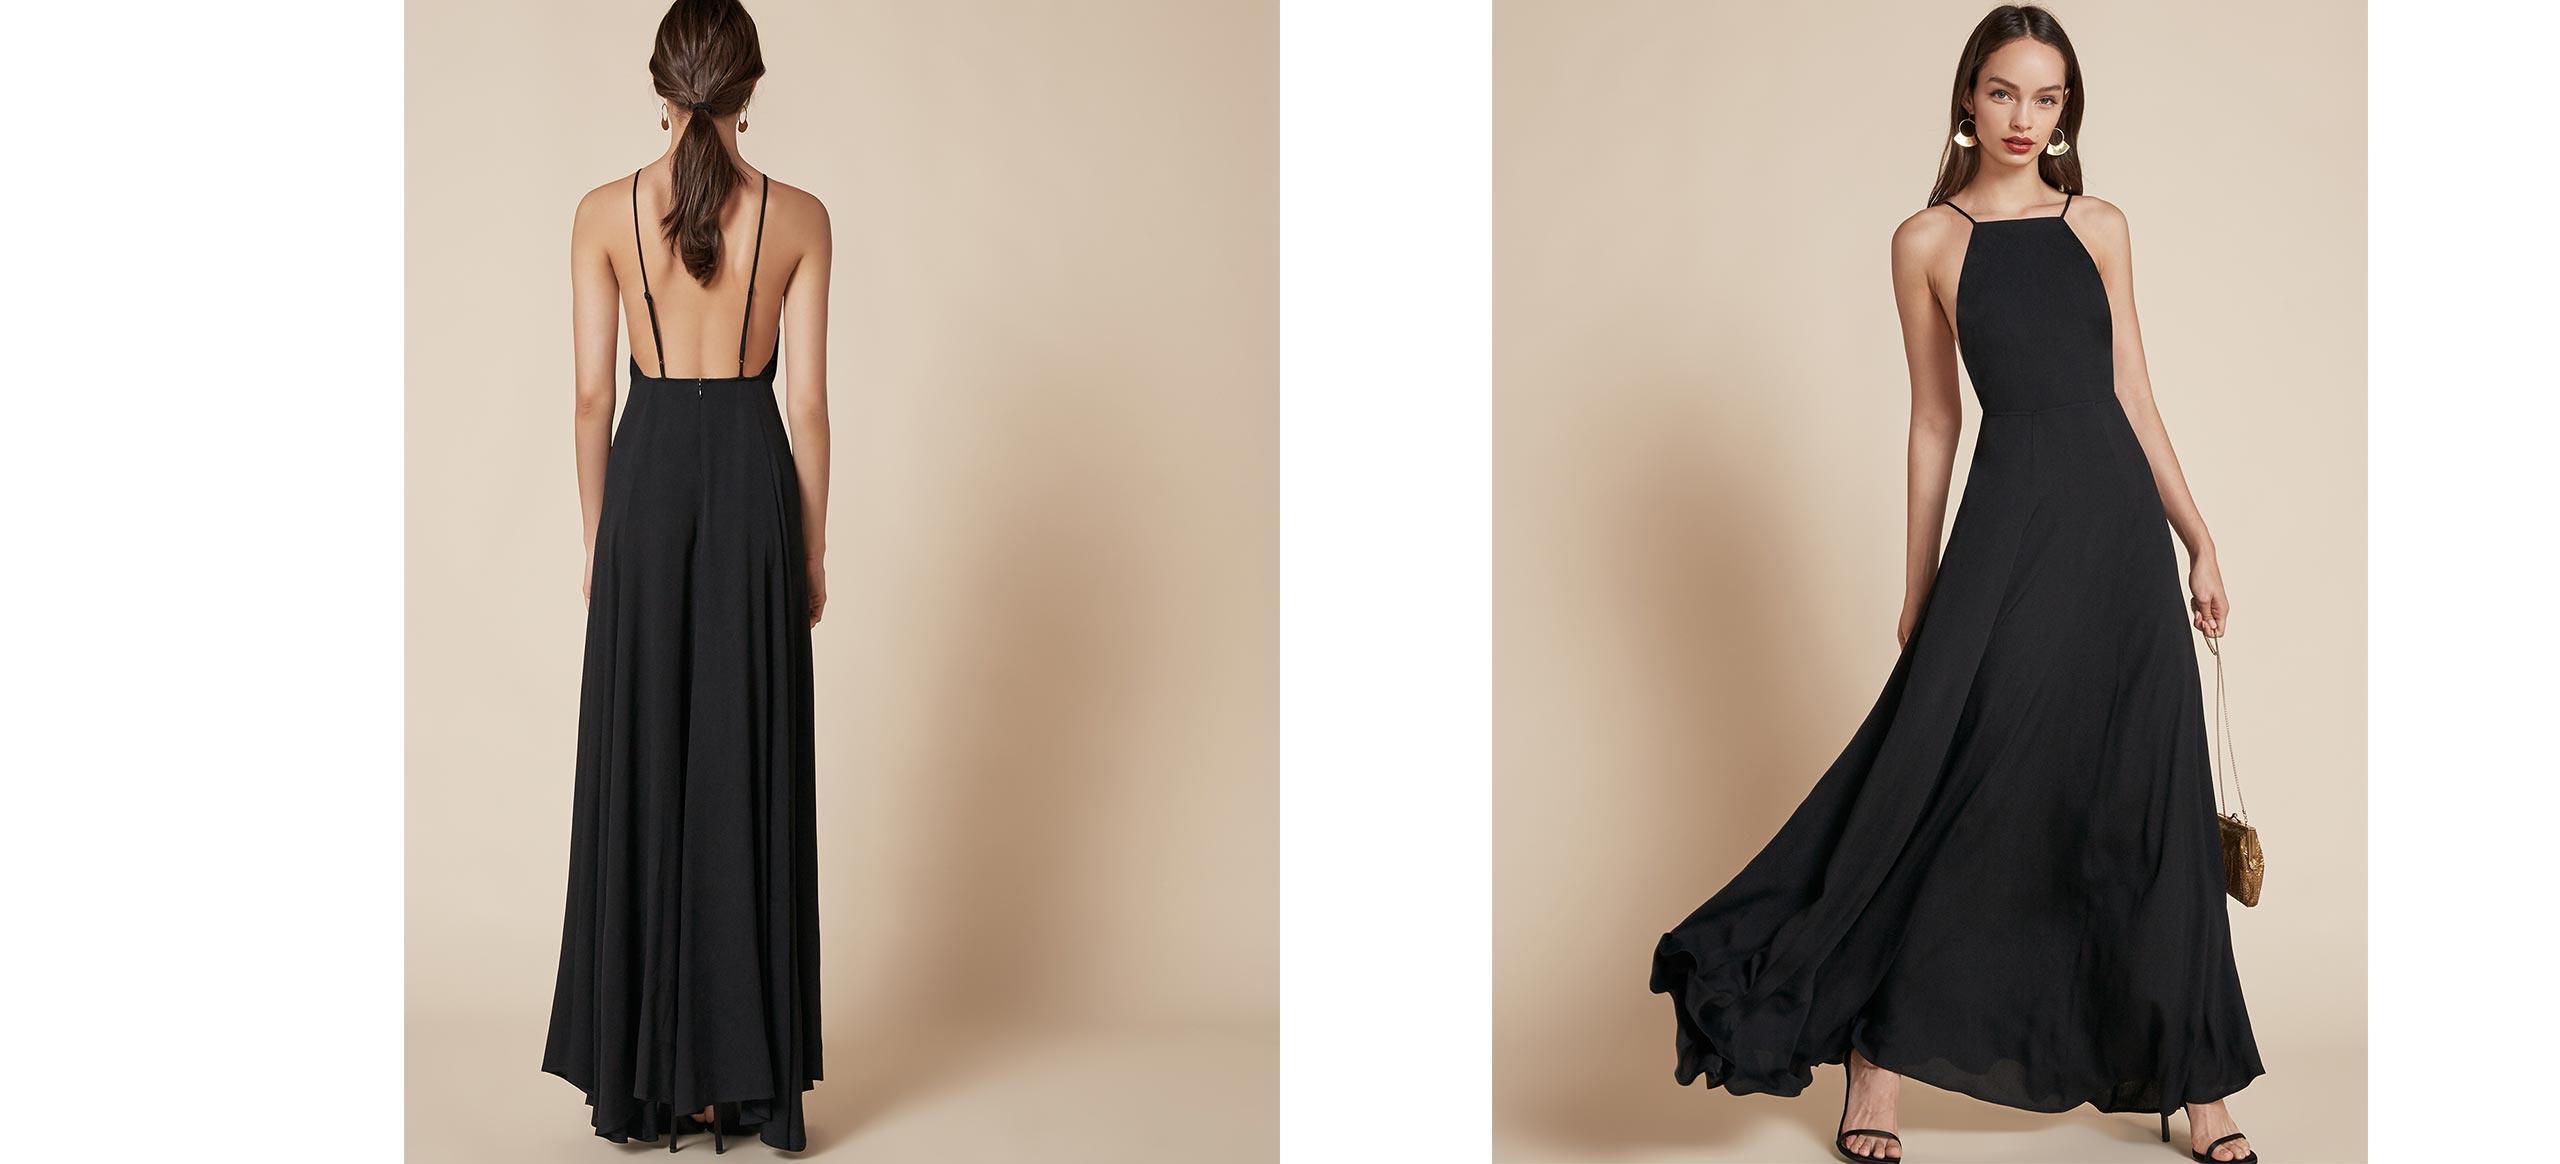 13 Einzigartig Abendkleid Fairtrade Bester Preis15 Luxus Abendkleid Fairtrade Stylish